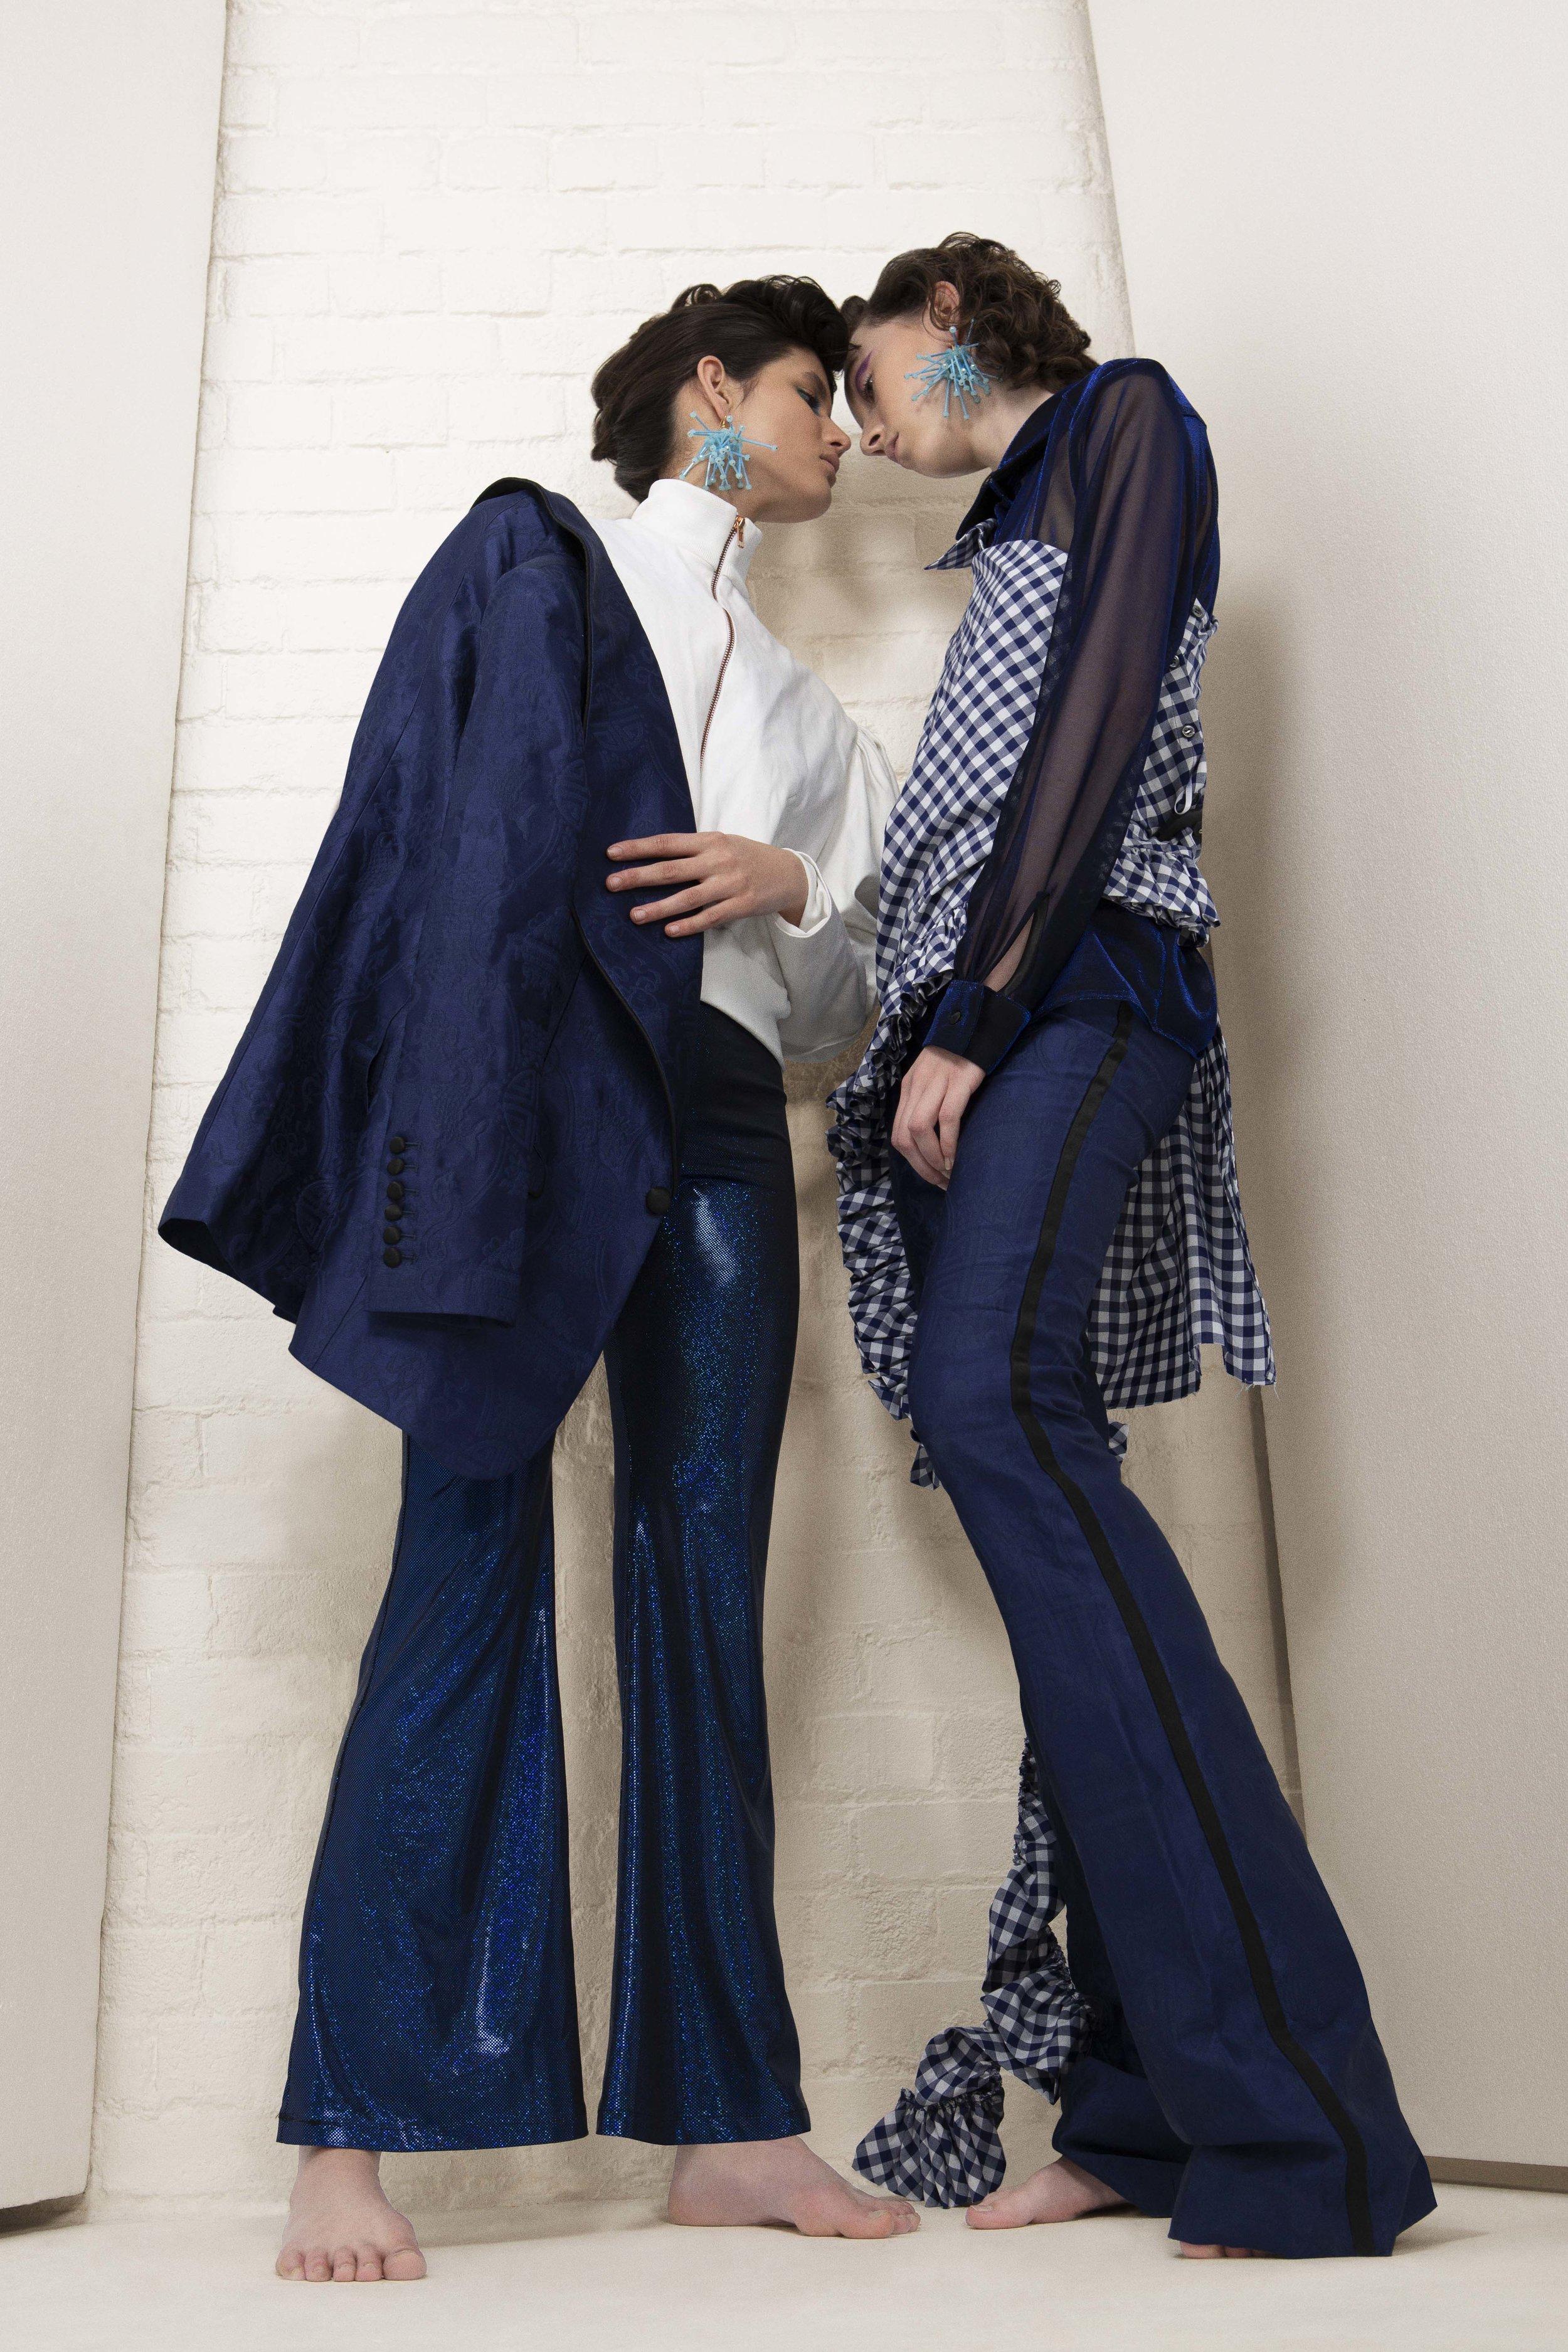 Sara (Left) : Jacket – SADIE CLAYTON Blazer – MALAN BRETON Pants – ROKIT Earring – KRISTY WARD (YOUNG BRITISH DESIGNERS) Footwear – STINE GOYA    Anotonie (Right) : Shirt – TRAMP IN DISGUISE Top – LES ANIMAUX Pants – MALAN BRETON Earring – KRISTY WARD (YOUNG BRITISH DESIGNERS) Footwear – STINE GOYA